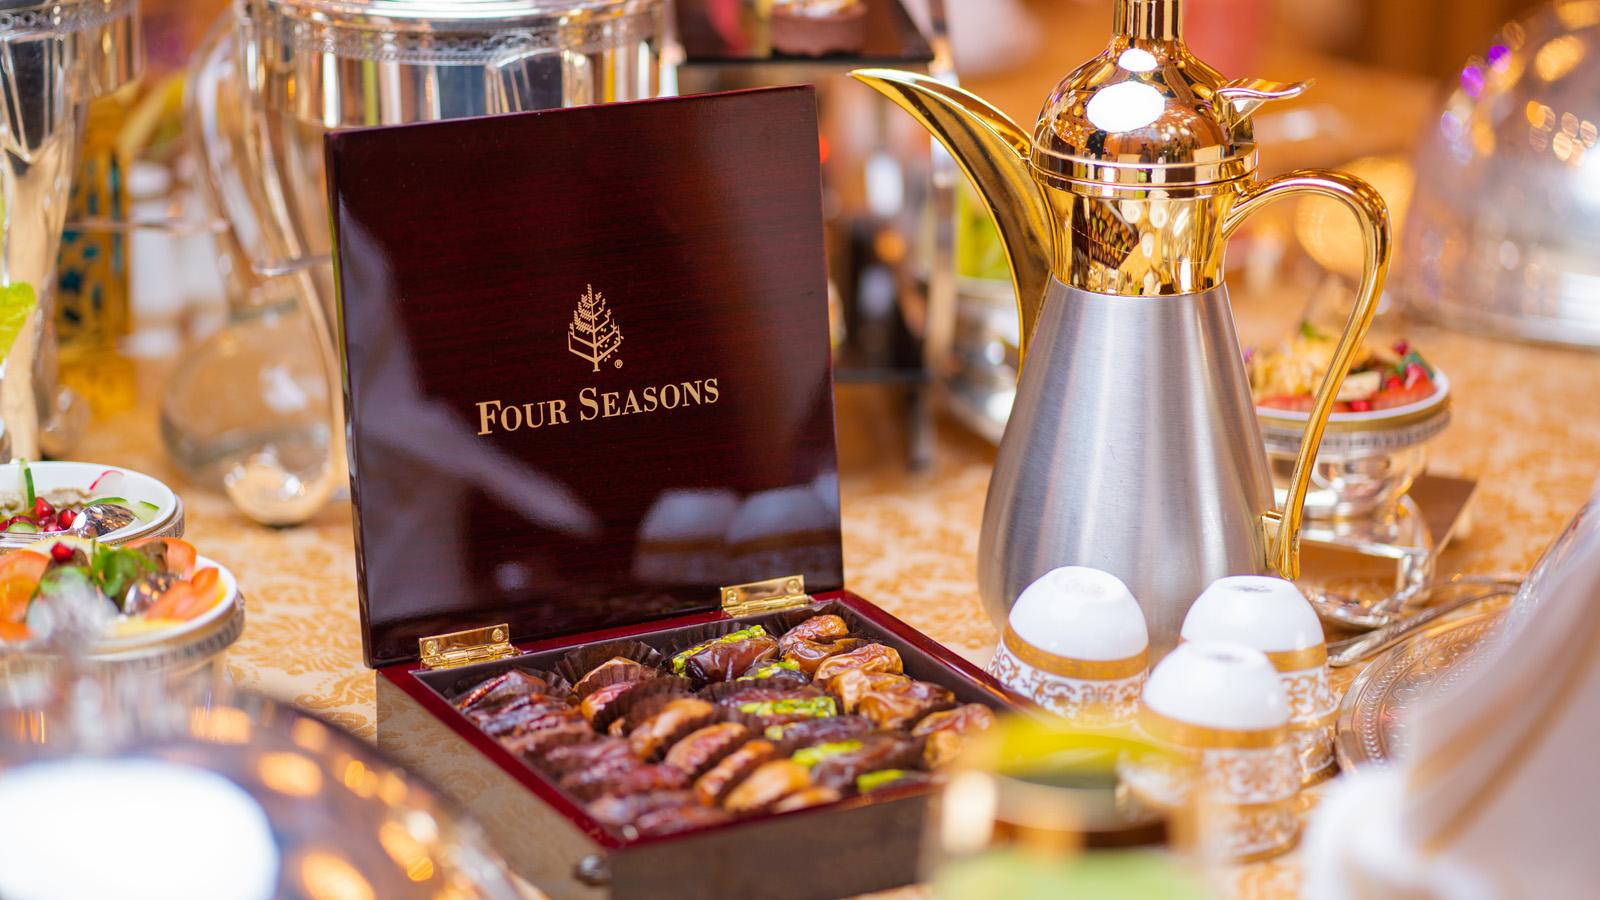 تجارب رمضانية خاص ة مع فندق فورسيزونز الرياض